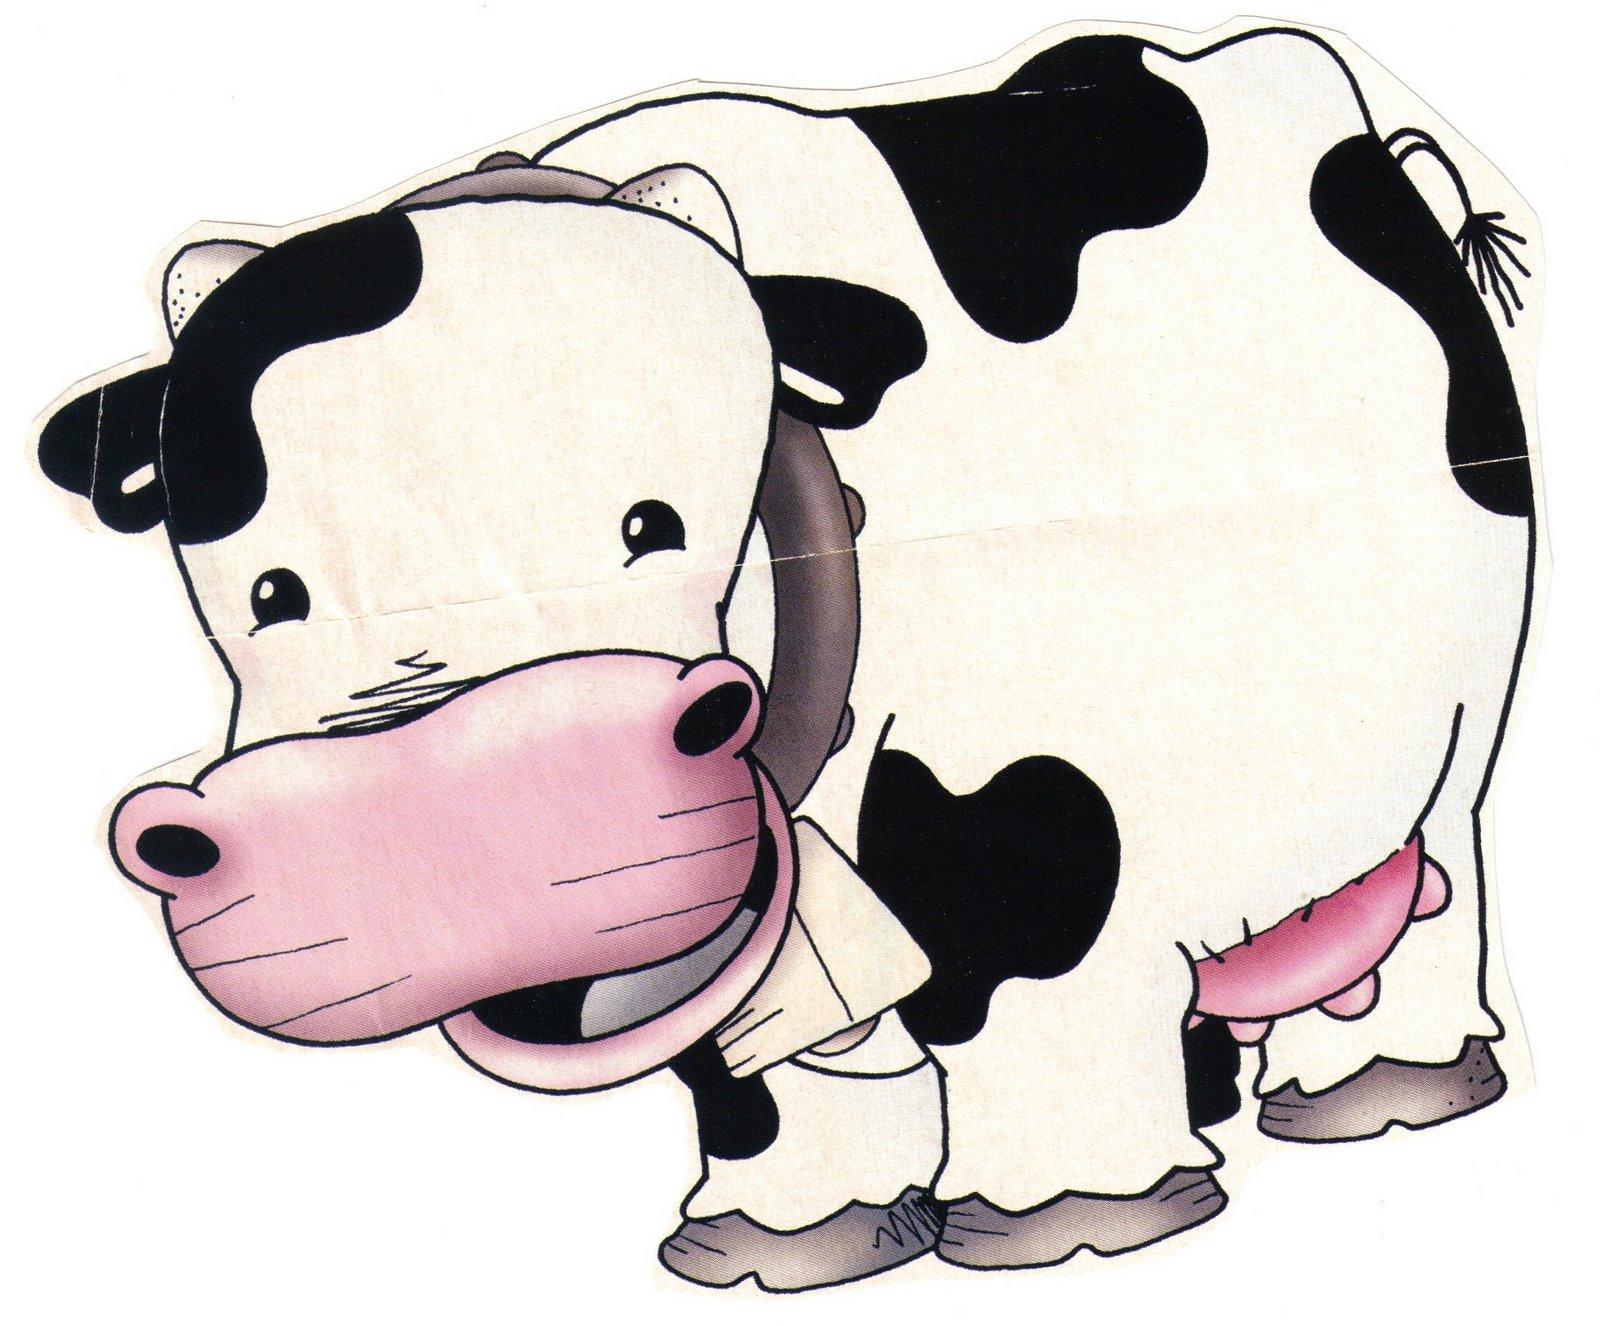 Dibujos De Animales A Color Para Imprimir: Dibujos Para Todo: Dibujos De Animales A Color